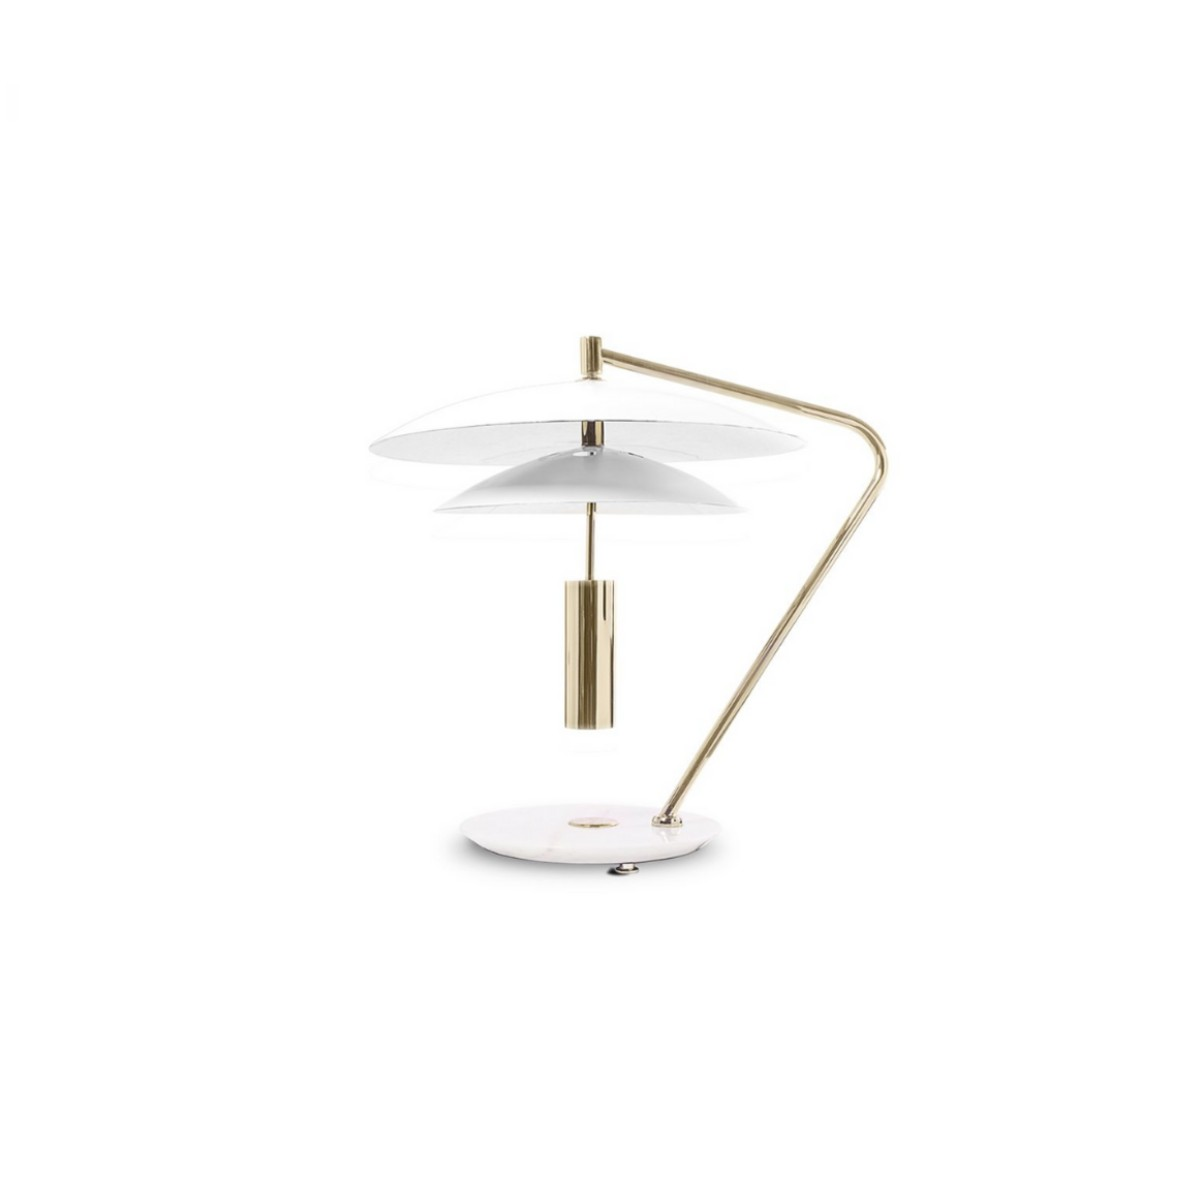 BASIE TABLE LAMP